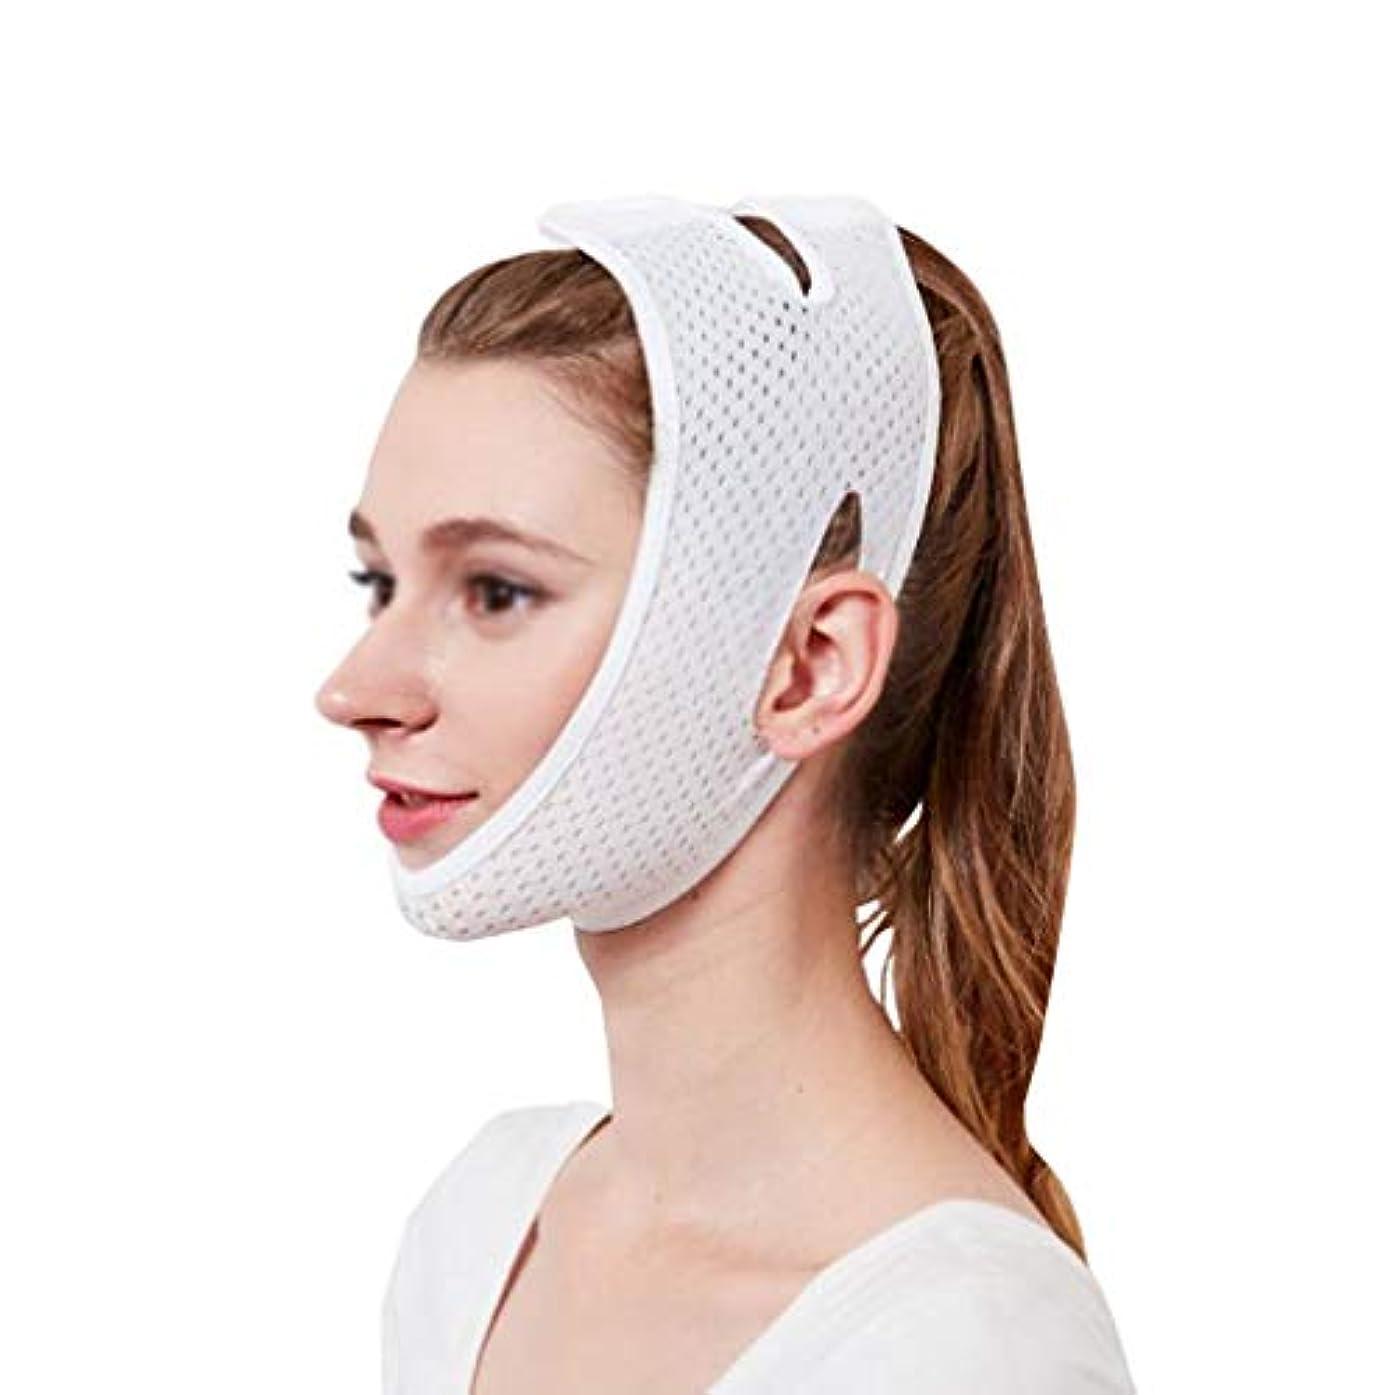 宿泊比率合併症ZWBD フェイスマスク, 薄いフェイスマスク通気性睡眠ベルトアーティファクト包帯小さなVフェイス薄いダブルチンリフトフェイスマスク引き締めフェイスマスク